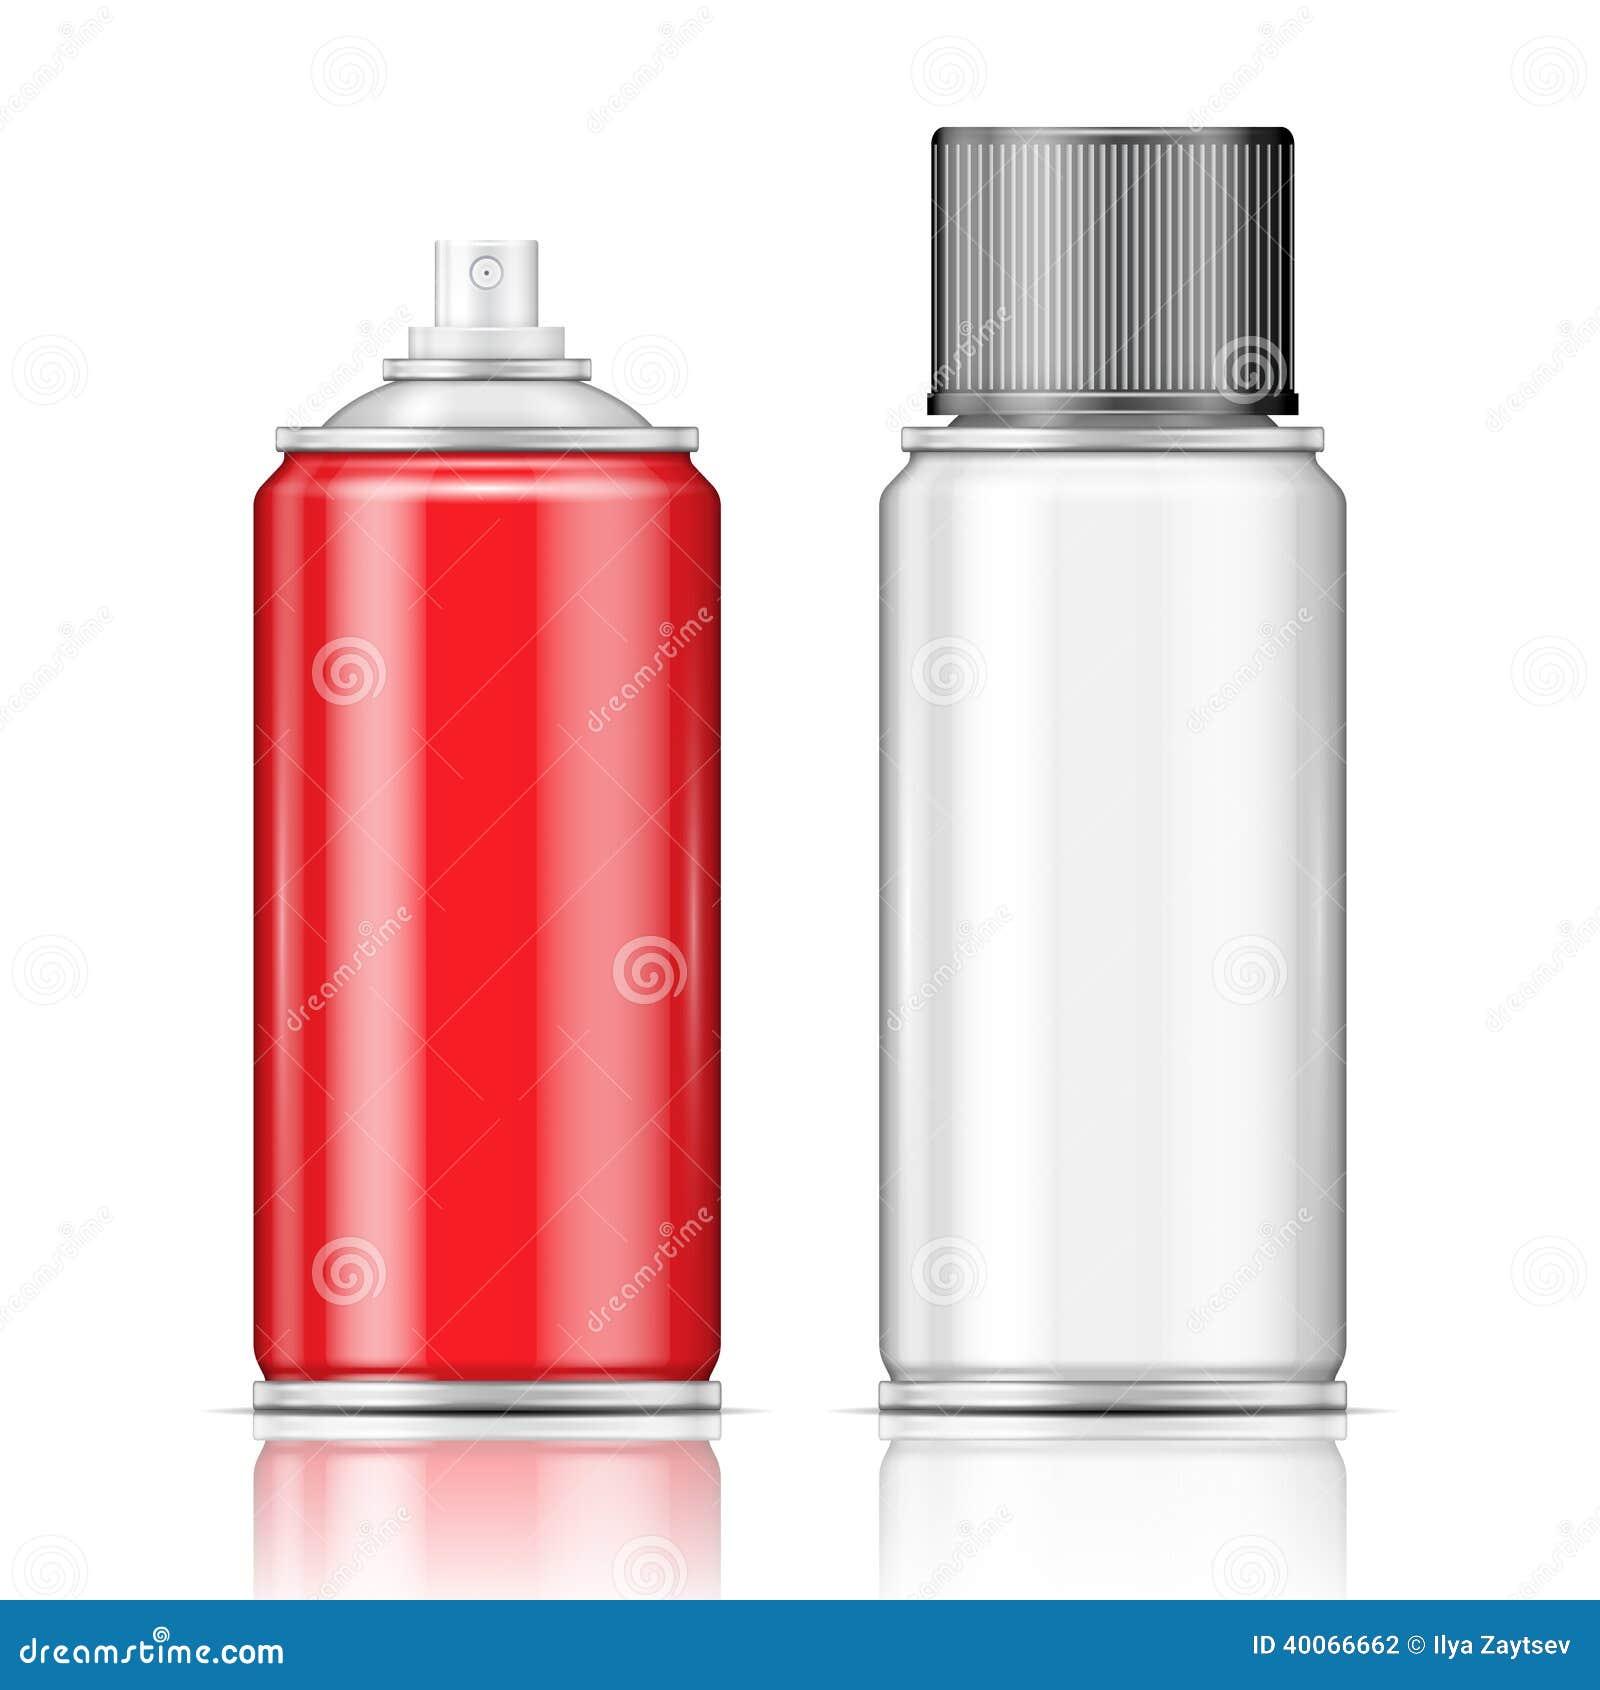 Latas de espray de aluminio ilustraci n del vector - Pintura para aluminio en spray ...